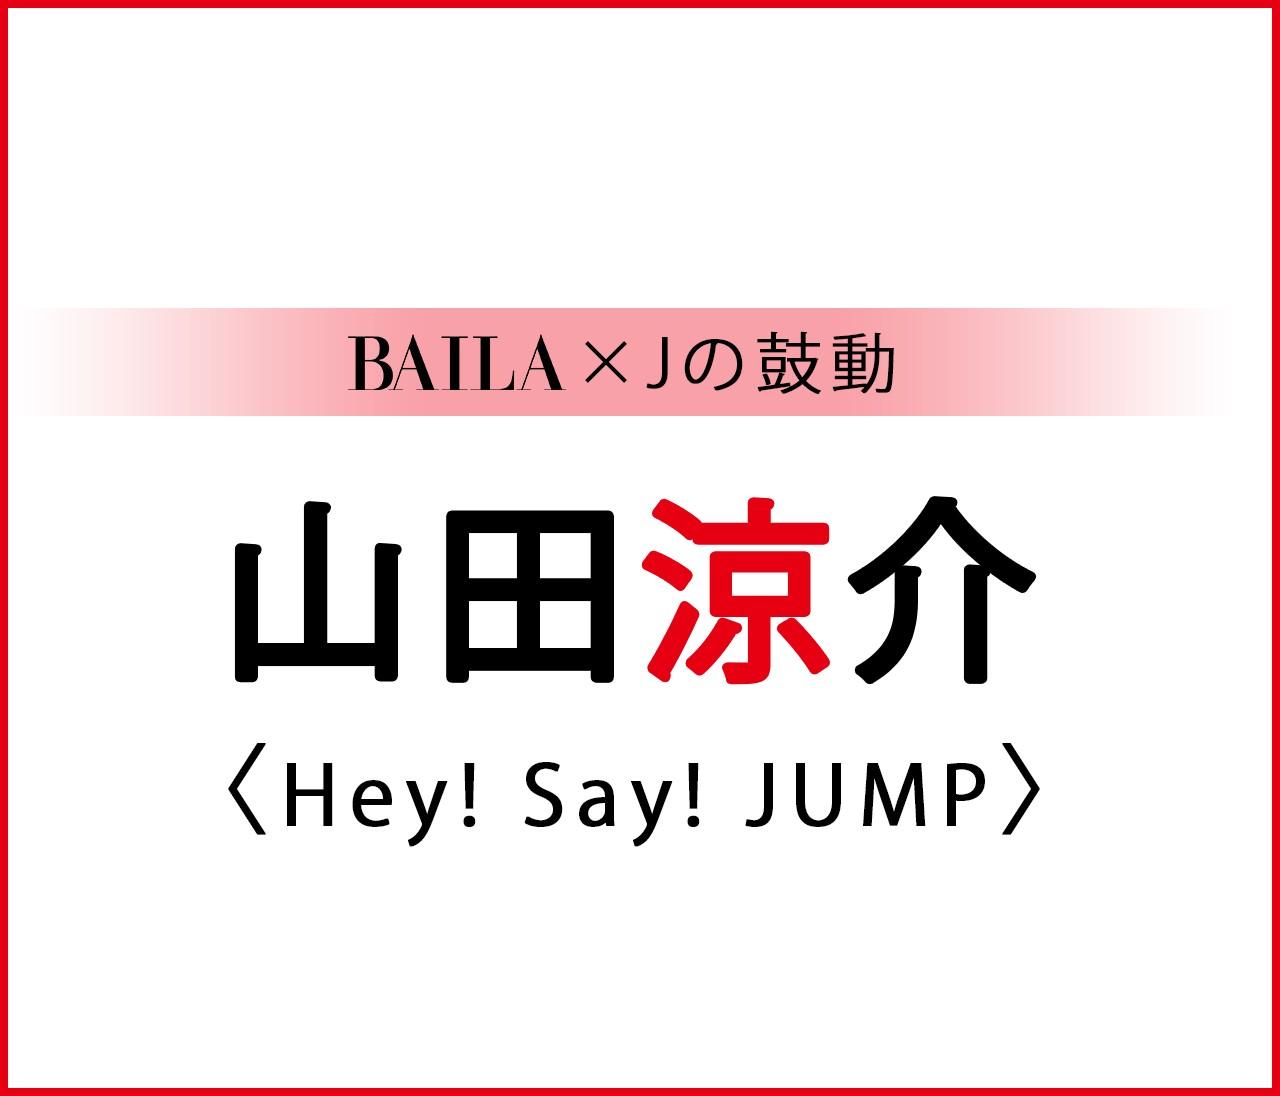 【Hey! Say! JUMP】山田涼介スペシャルインタビュー!【BAILA × Jの鼓動】